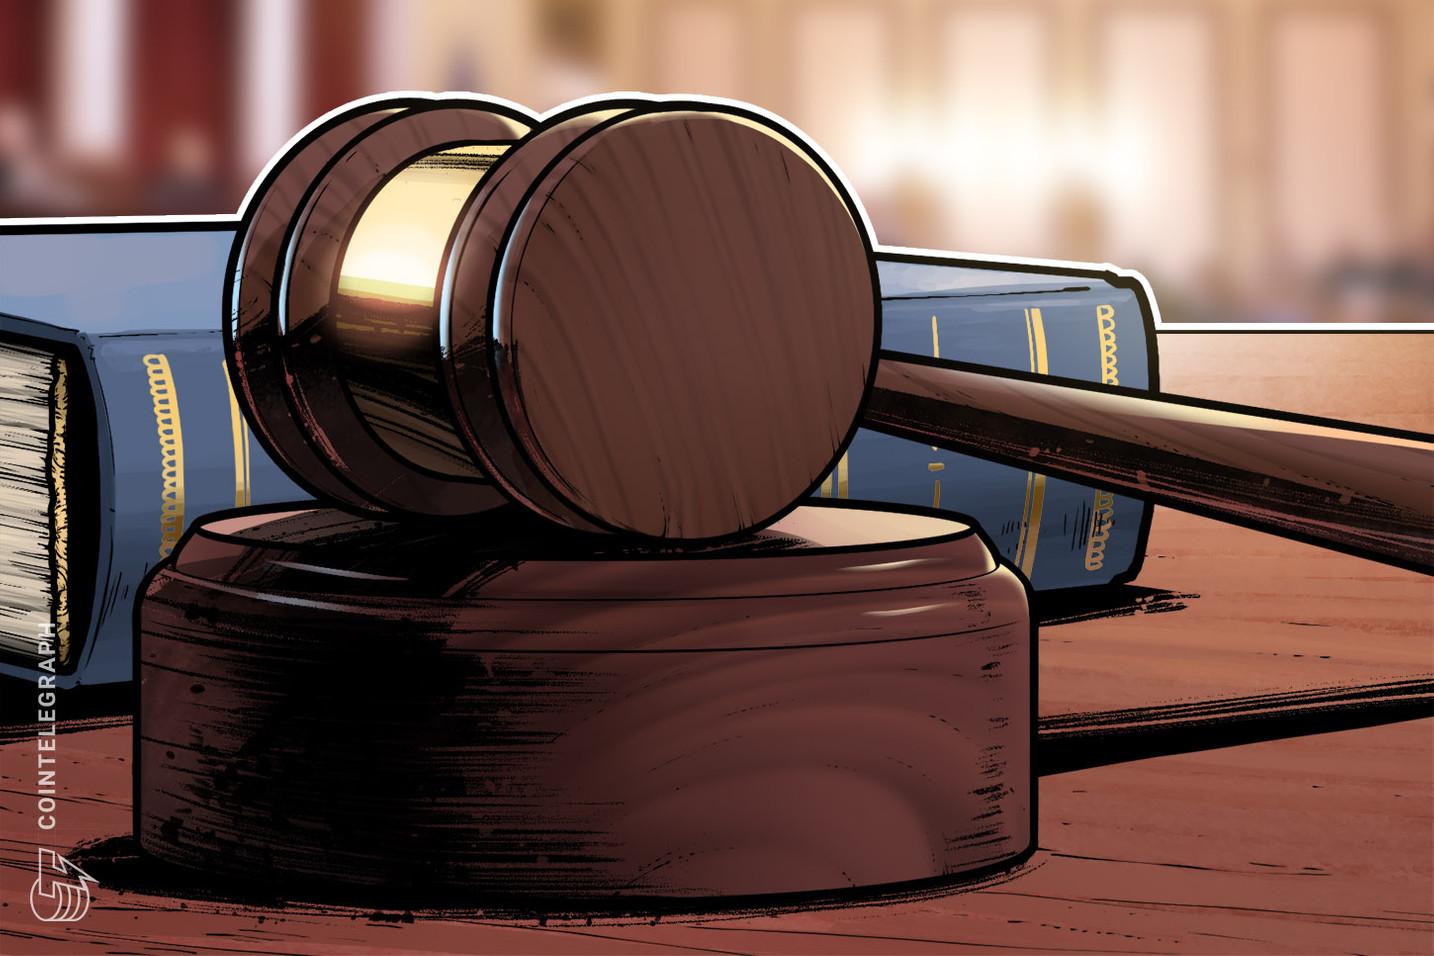 米裁判所、仮想通貨をだまし取った詐欺犯に罰金約4316万円の判決